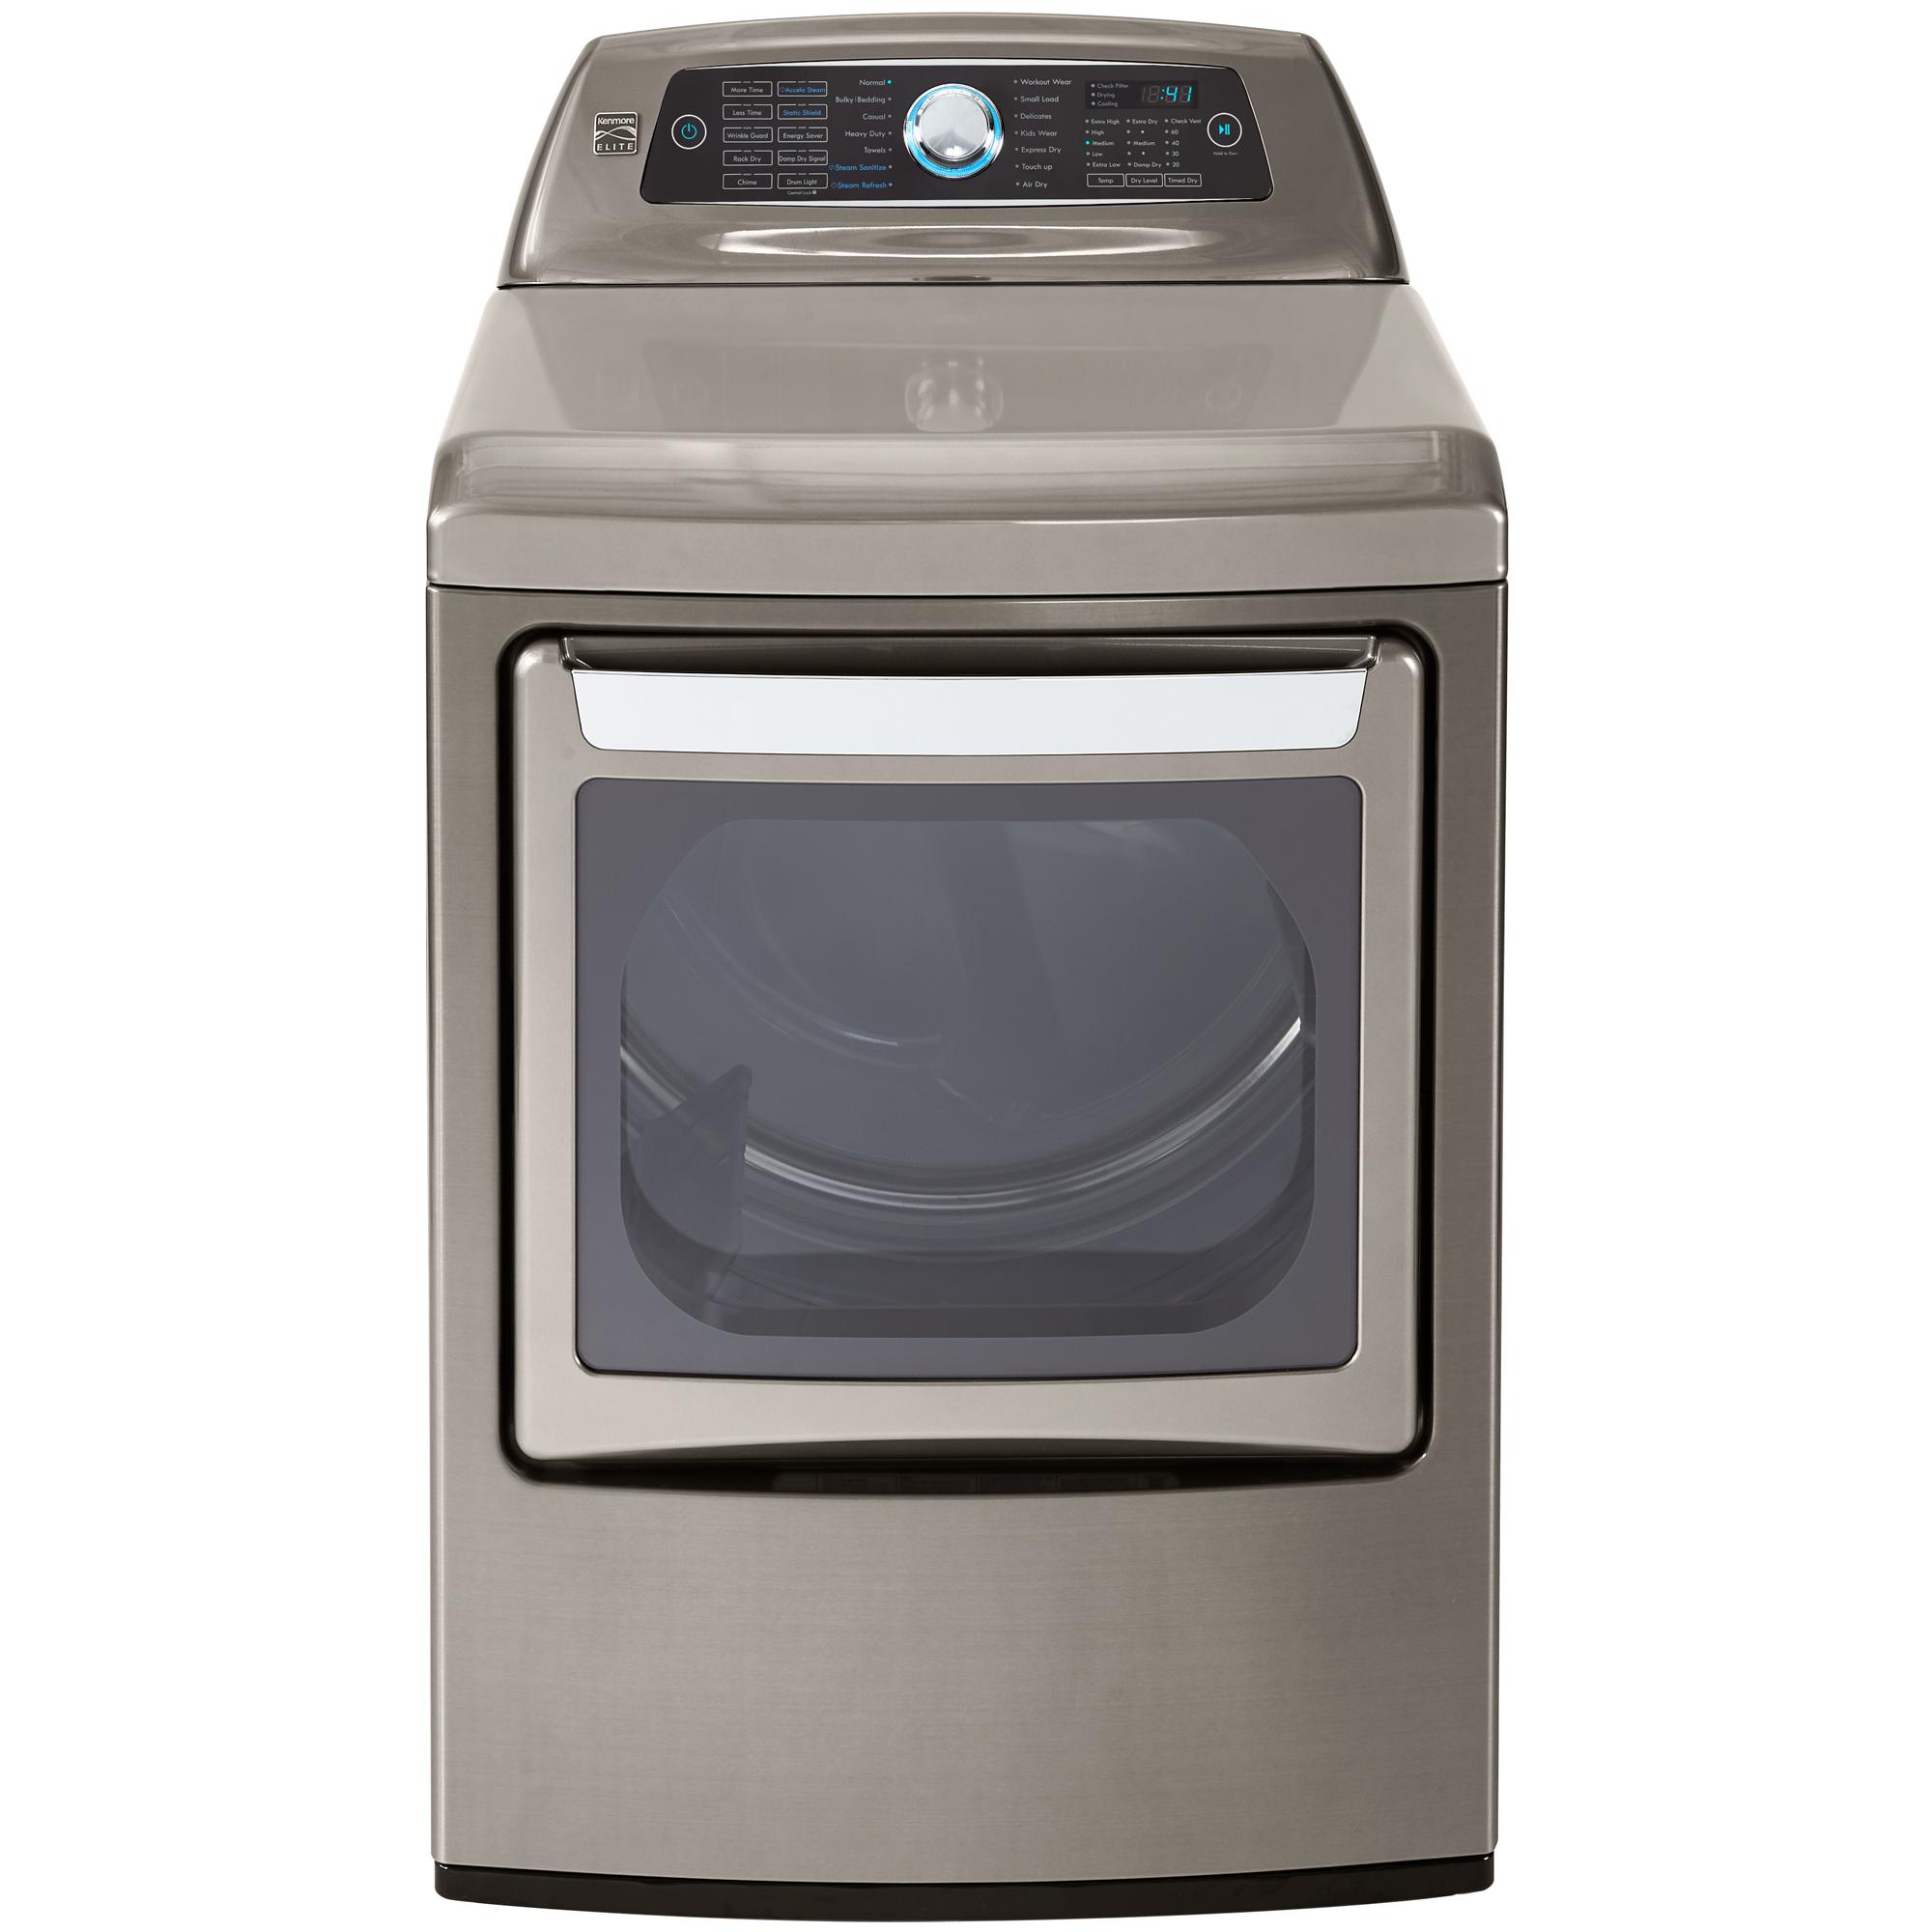 kenmore 500 dryer. kenmore 500 dryer